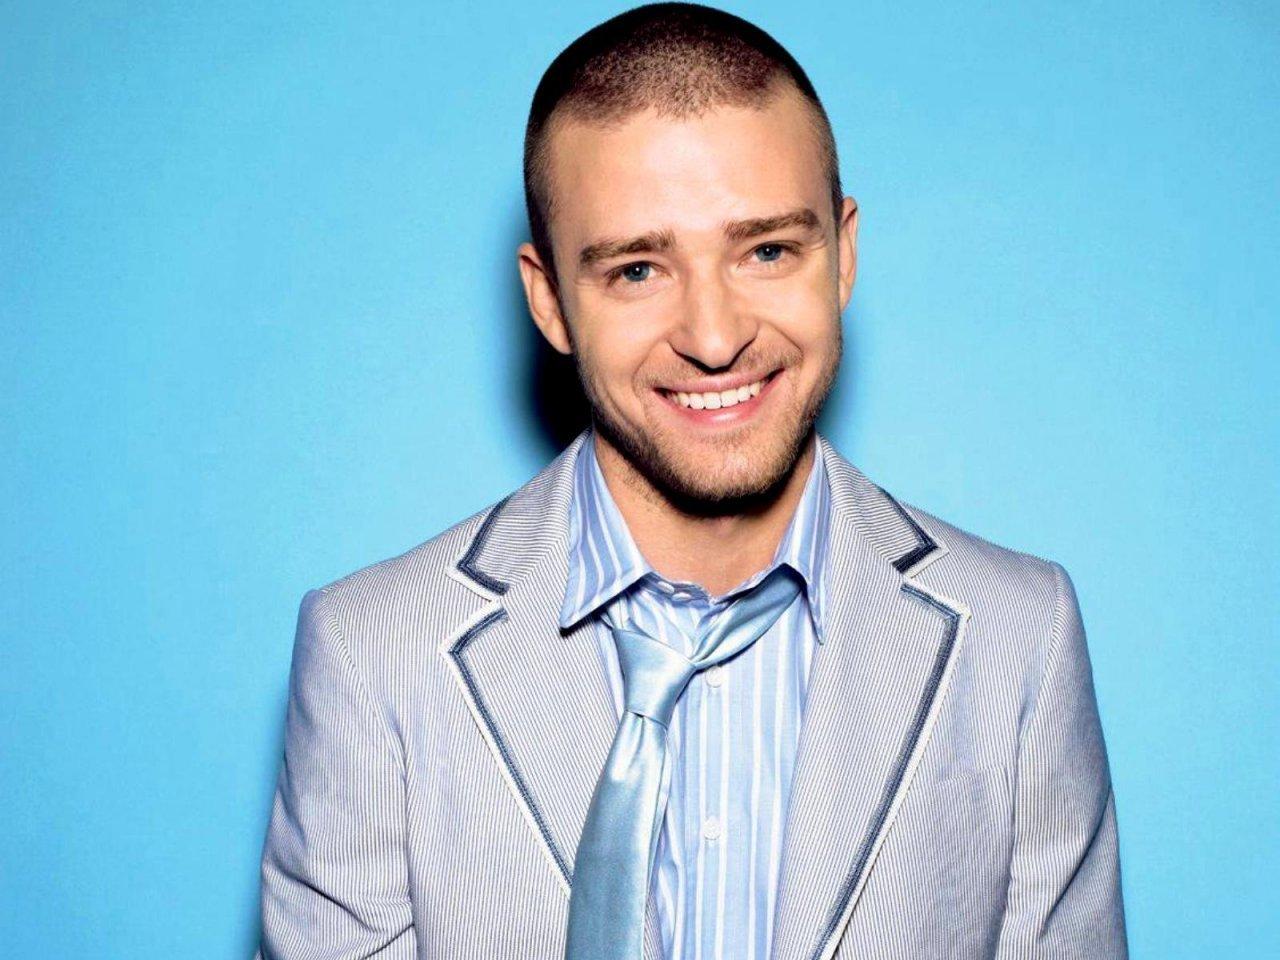 http://3.bp.blogspot.com/-JBt0cbFgArc/T5158TP5QKI/AAAAAAAABW4/C-wxd7eFATE/s1600/Justin+Timberlake+wallpapers+10.jpg